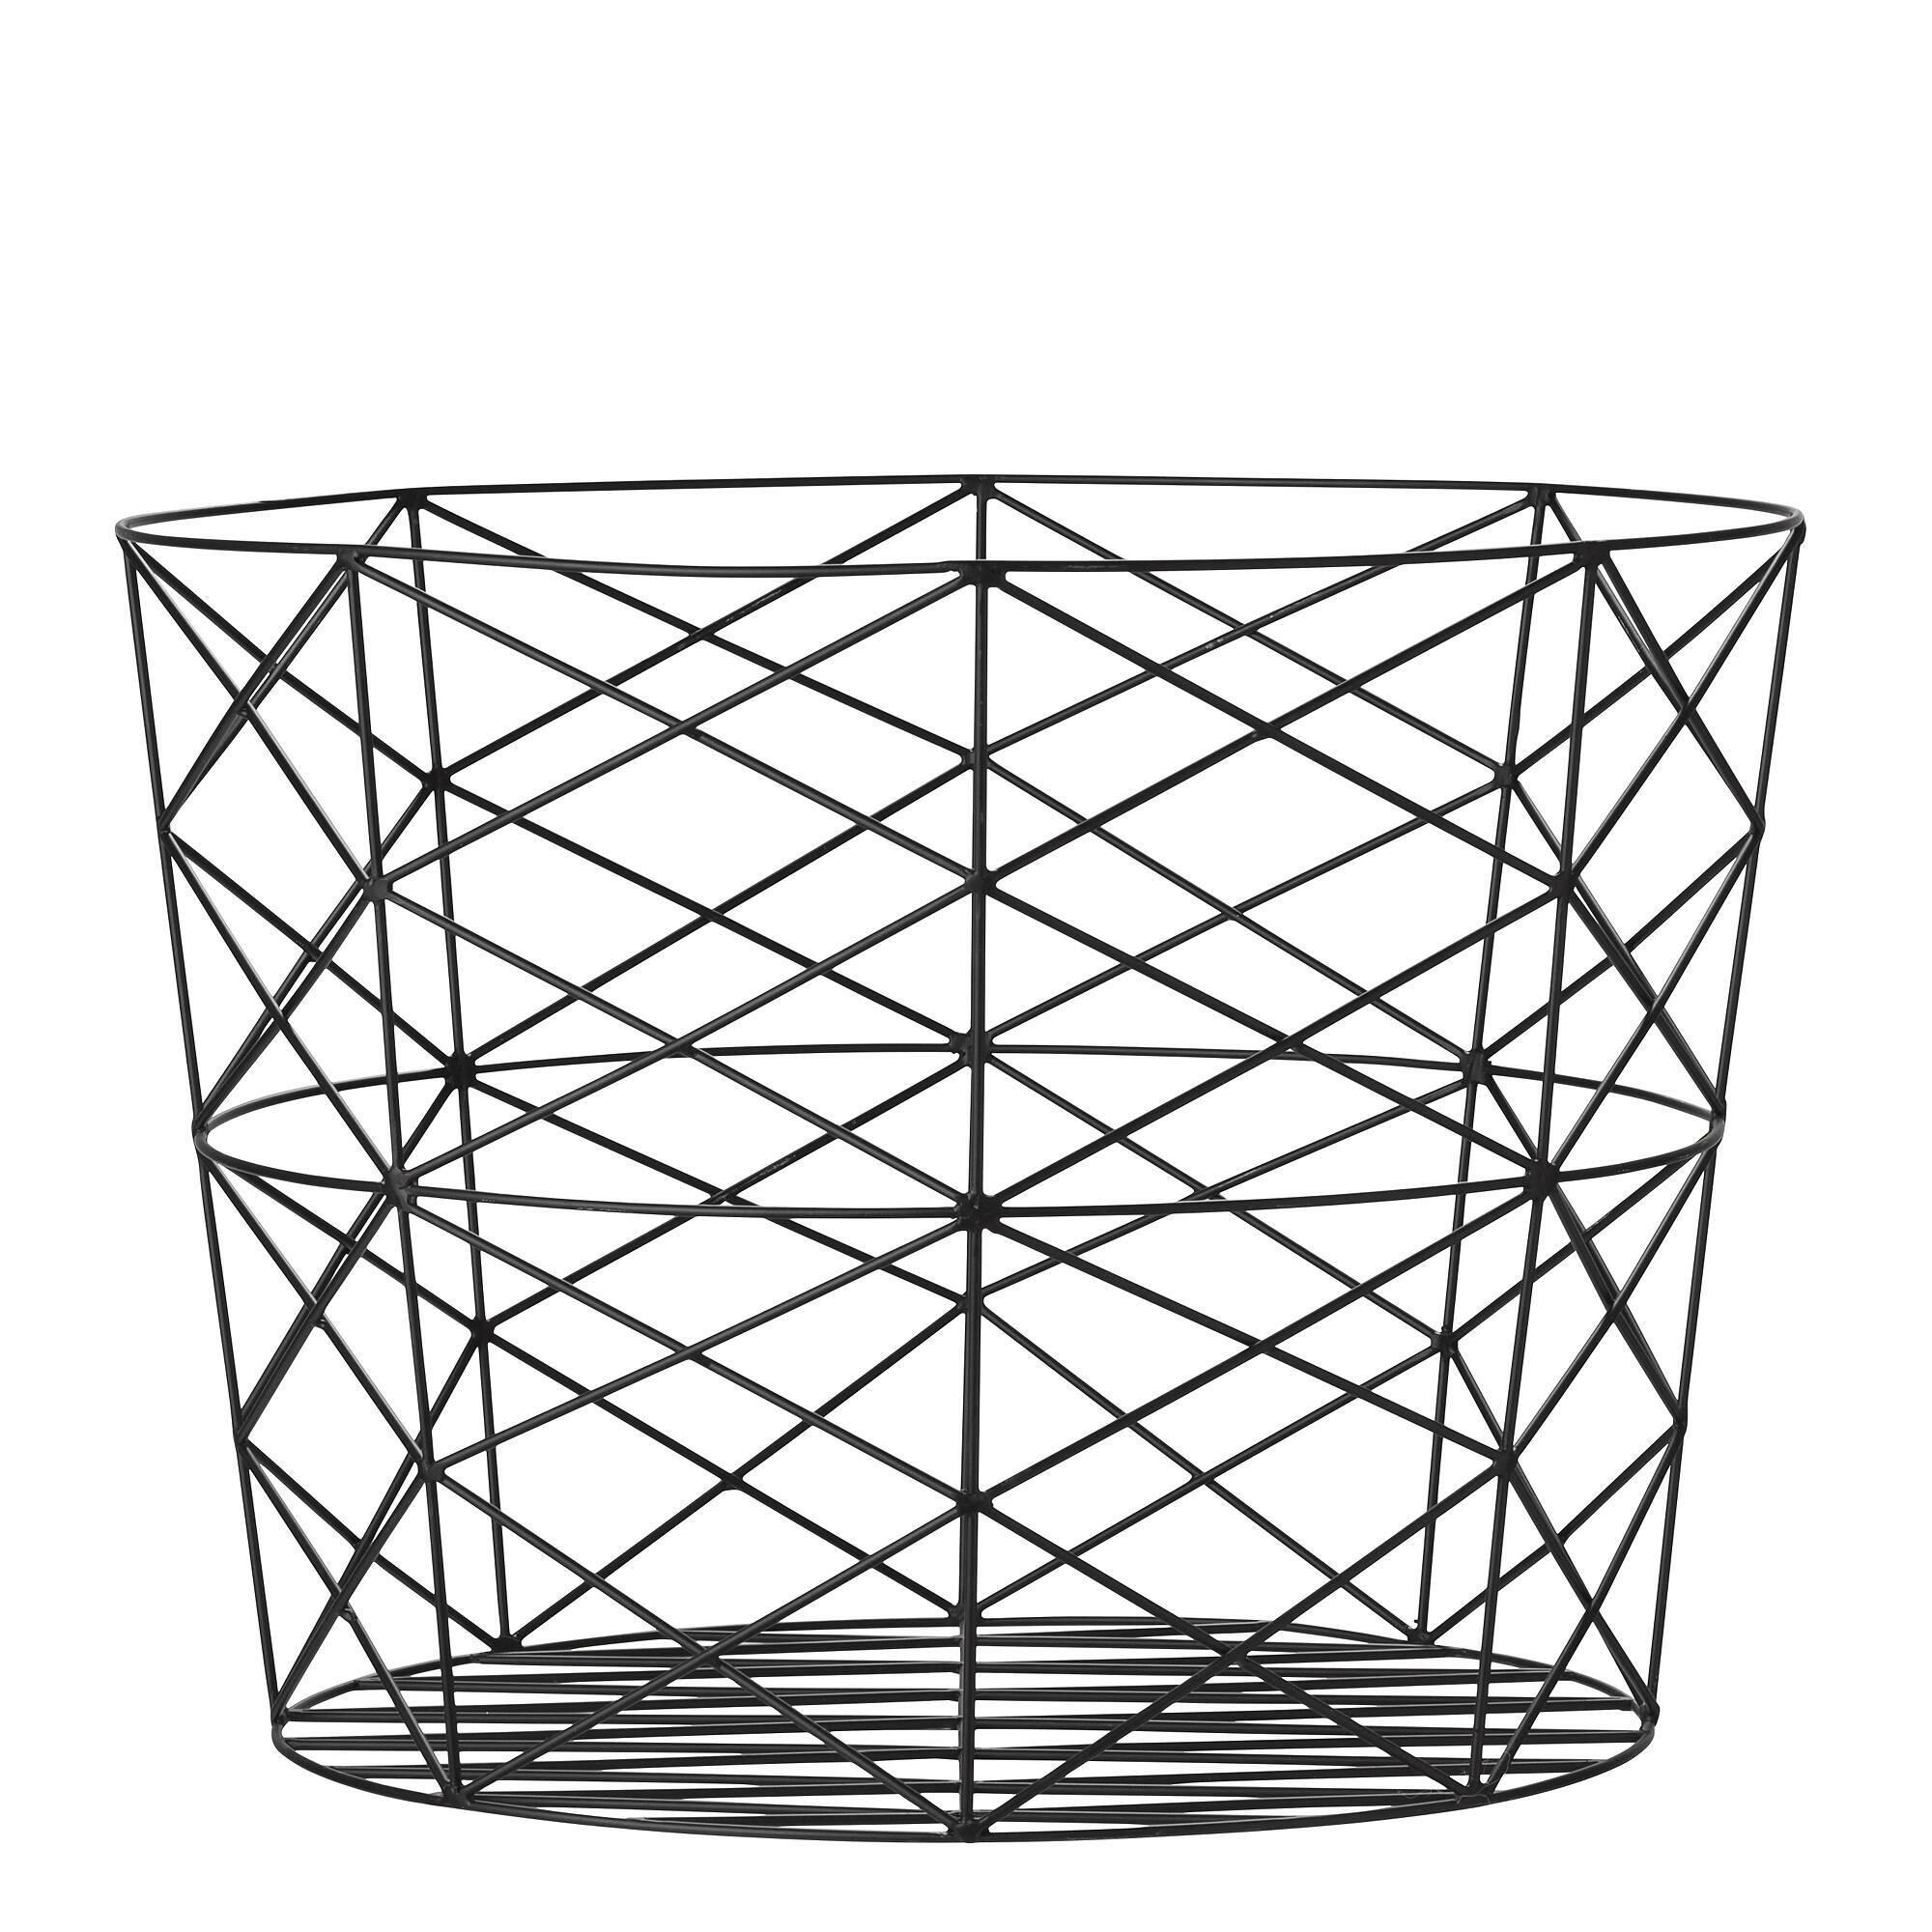 Корзина для хранения Bloomingville металлическая черная корзина для хранения bloomingville металлическая медная